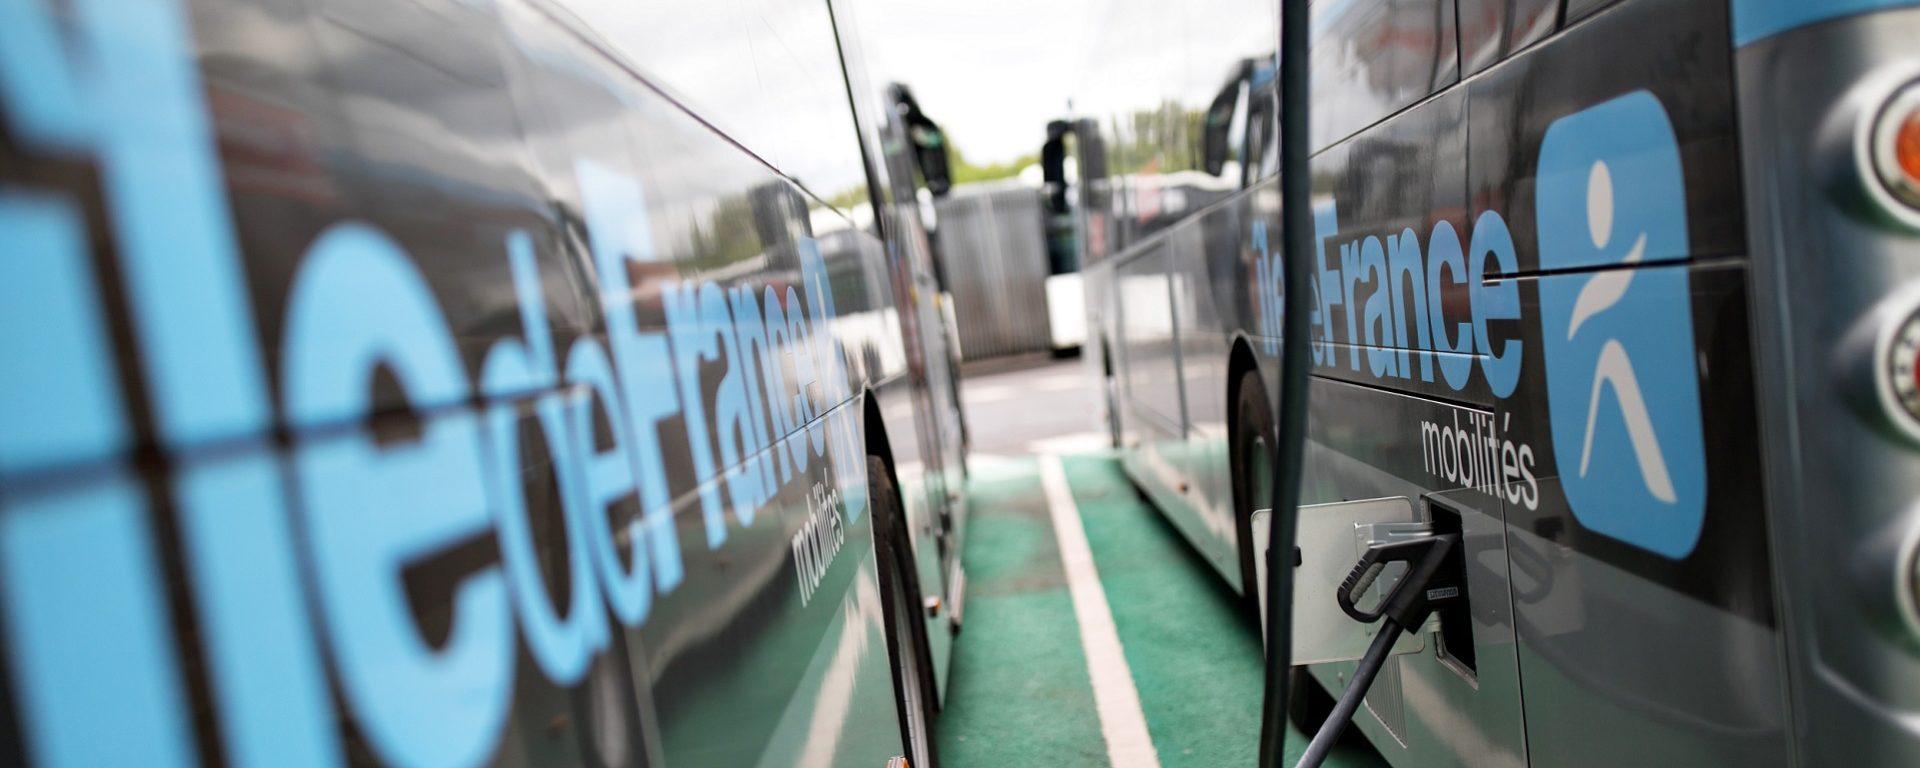 Transdev TVO Ile de France mobilités STIF bus électrique electric charge rechargement prise branchement the mobility company zéro émission